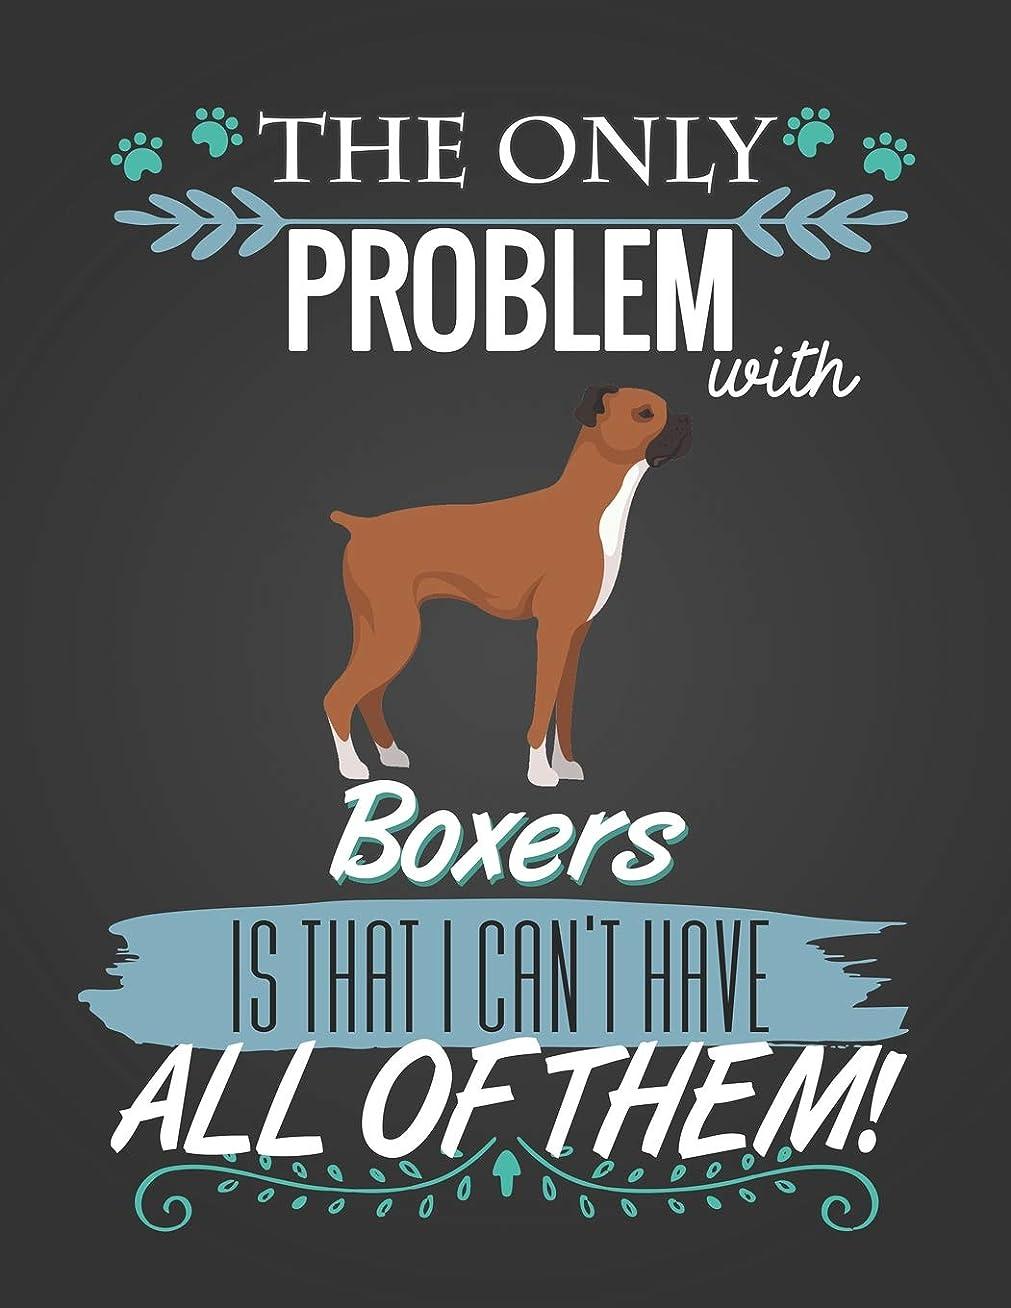 裁量ガロンケーブルカーThe Only Problem With Boxers Is: Journal Composition Notebook for Dog and Puppy Lovers